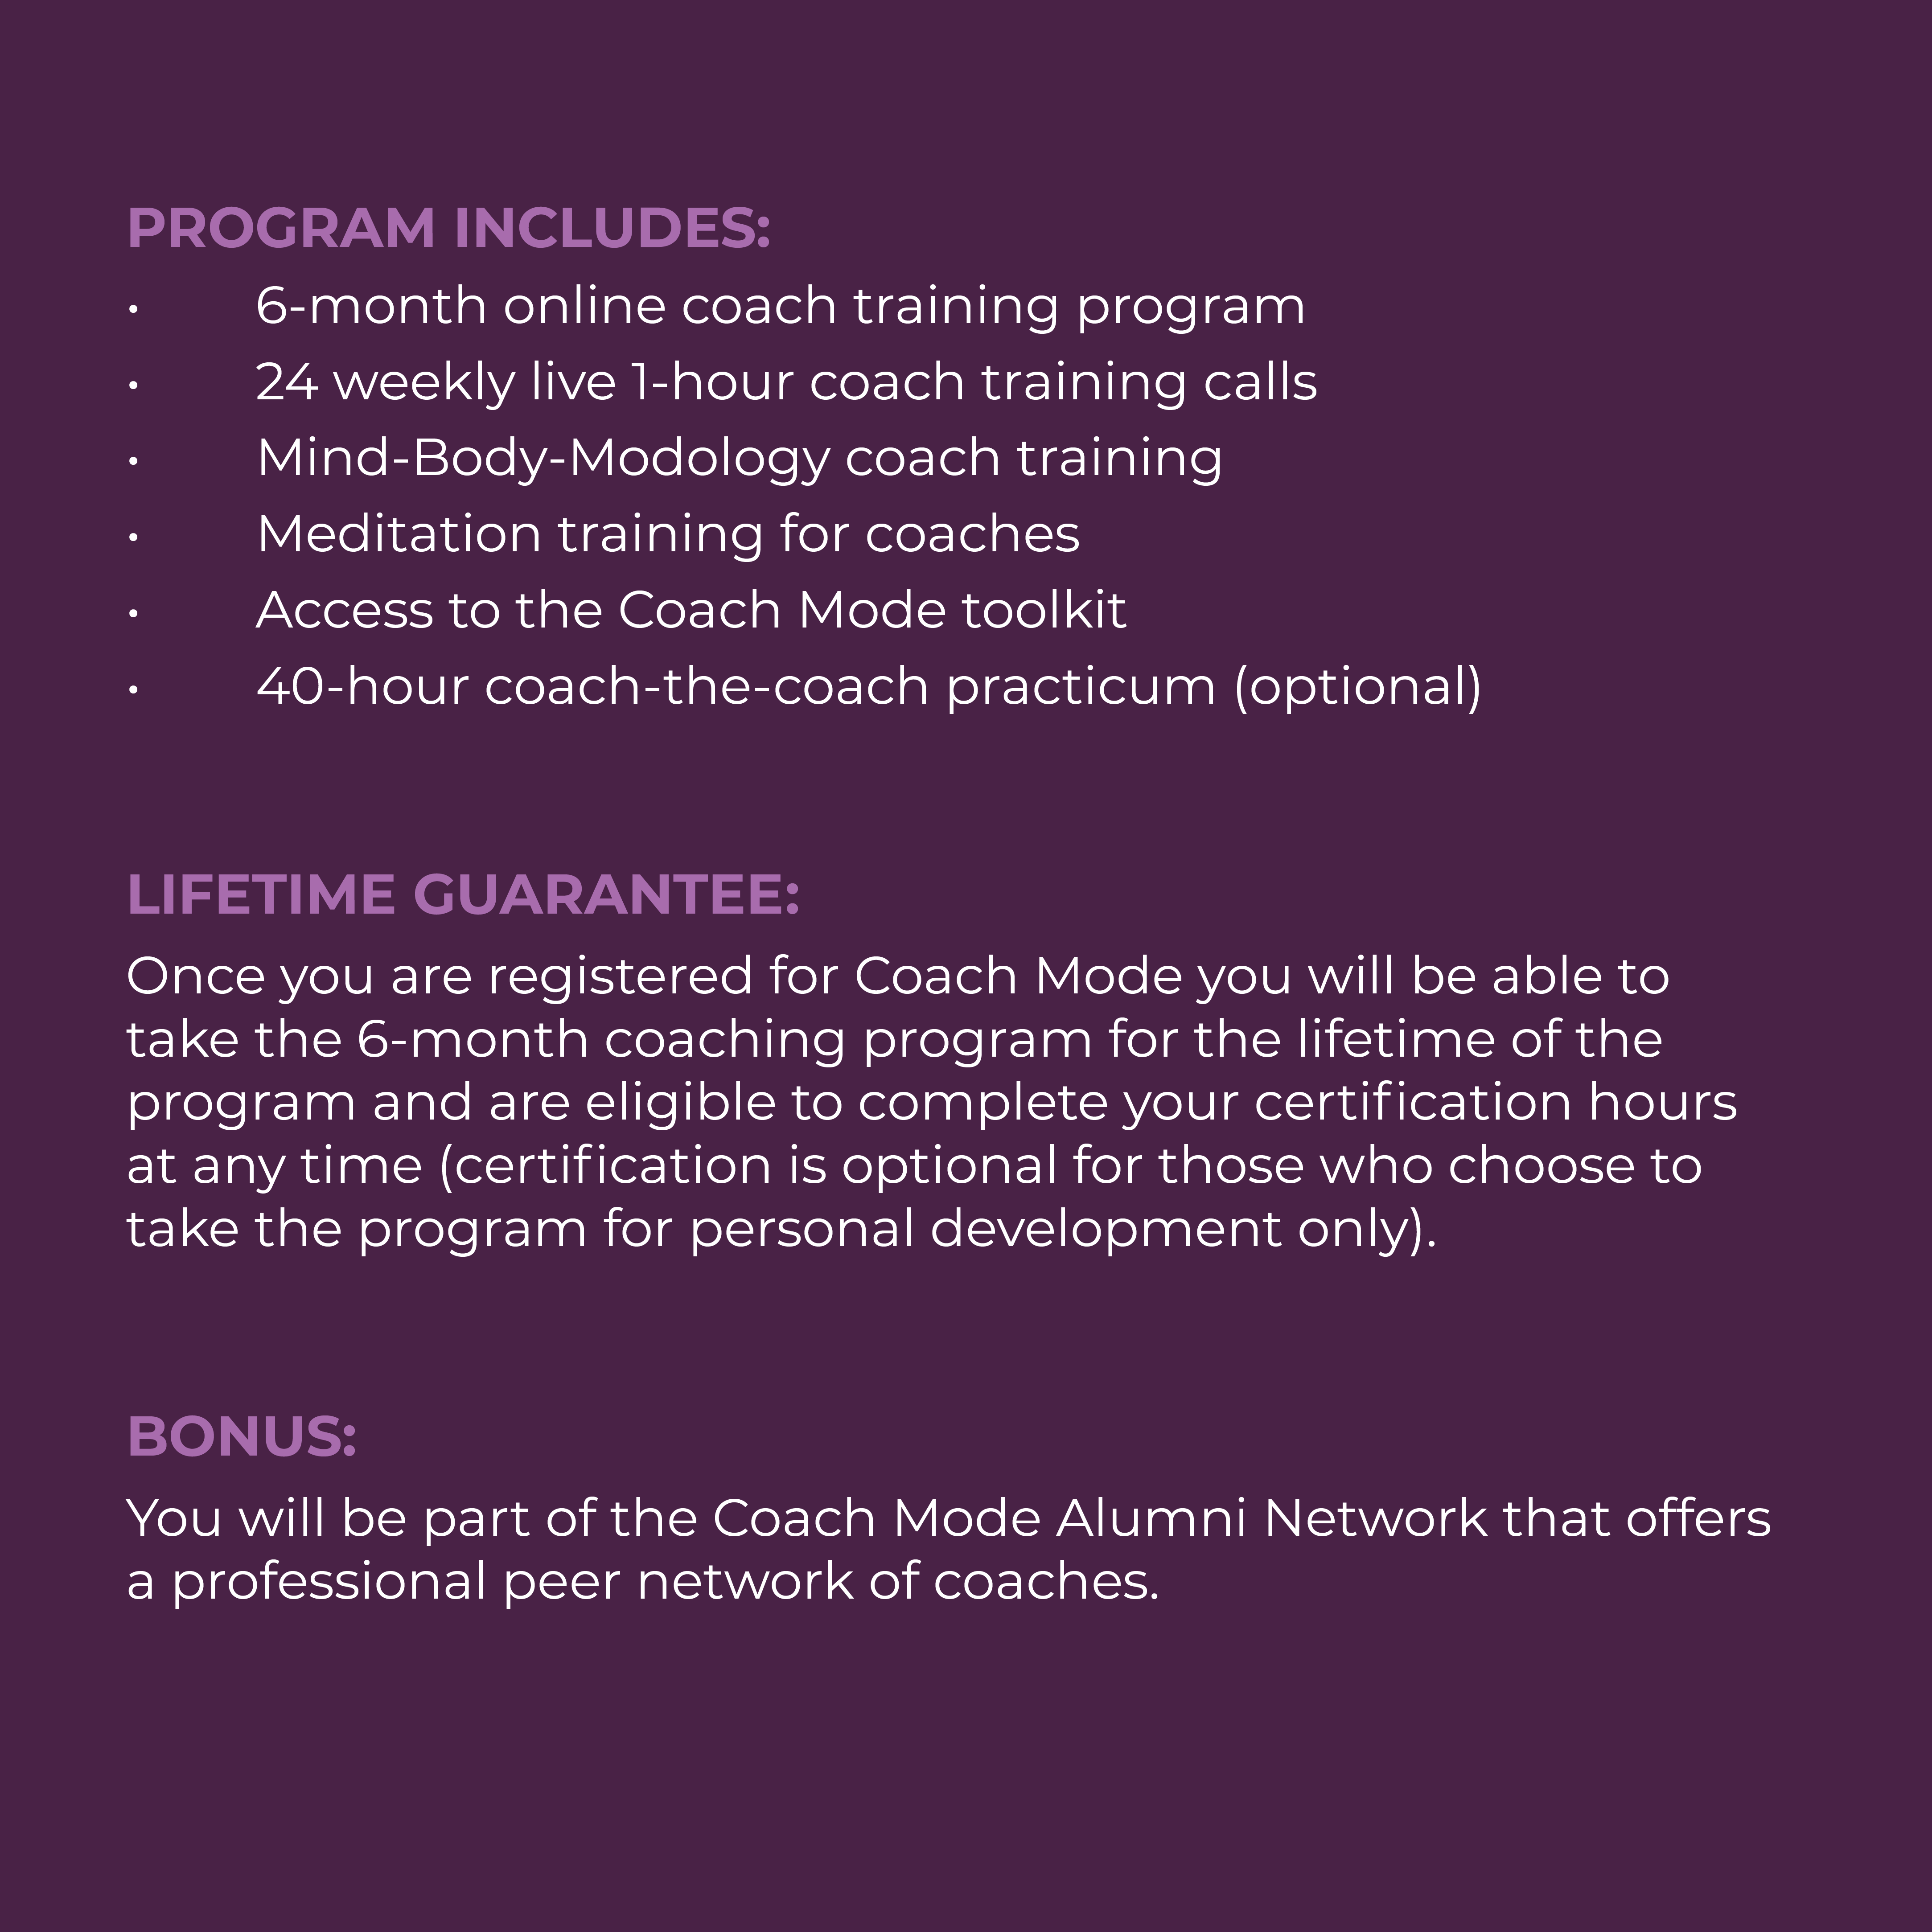 Program details for Coach Mode